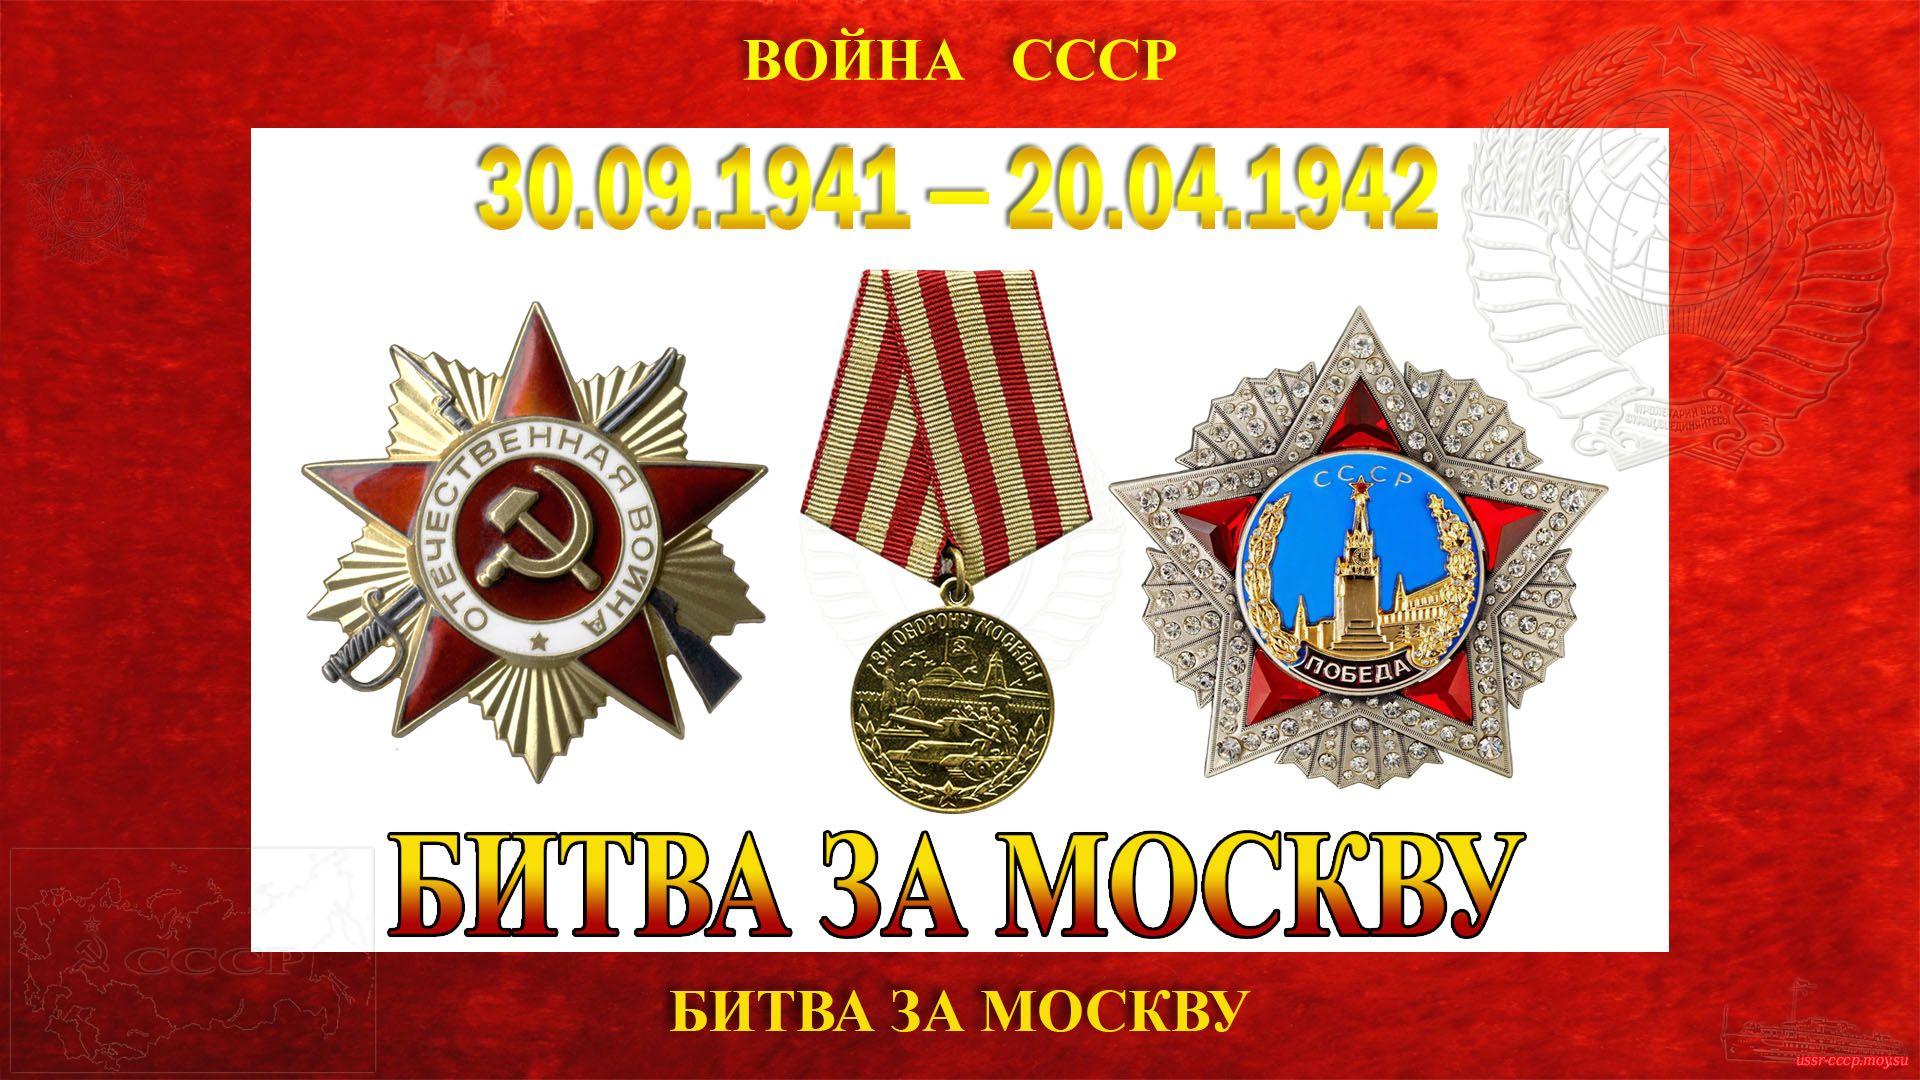 Битва за Москву — Московская битва— Битва под Москвой(30.09.1941 — 20.04.1942)